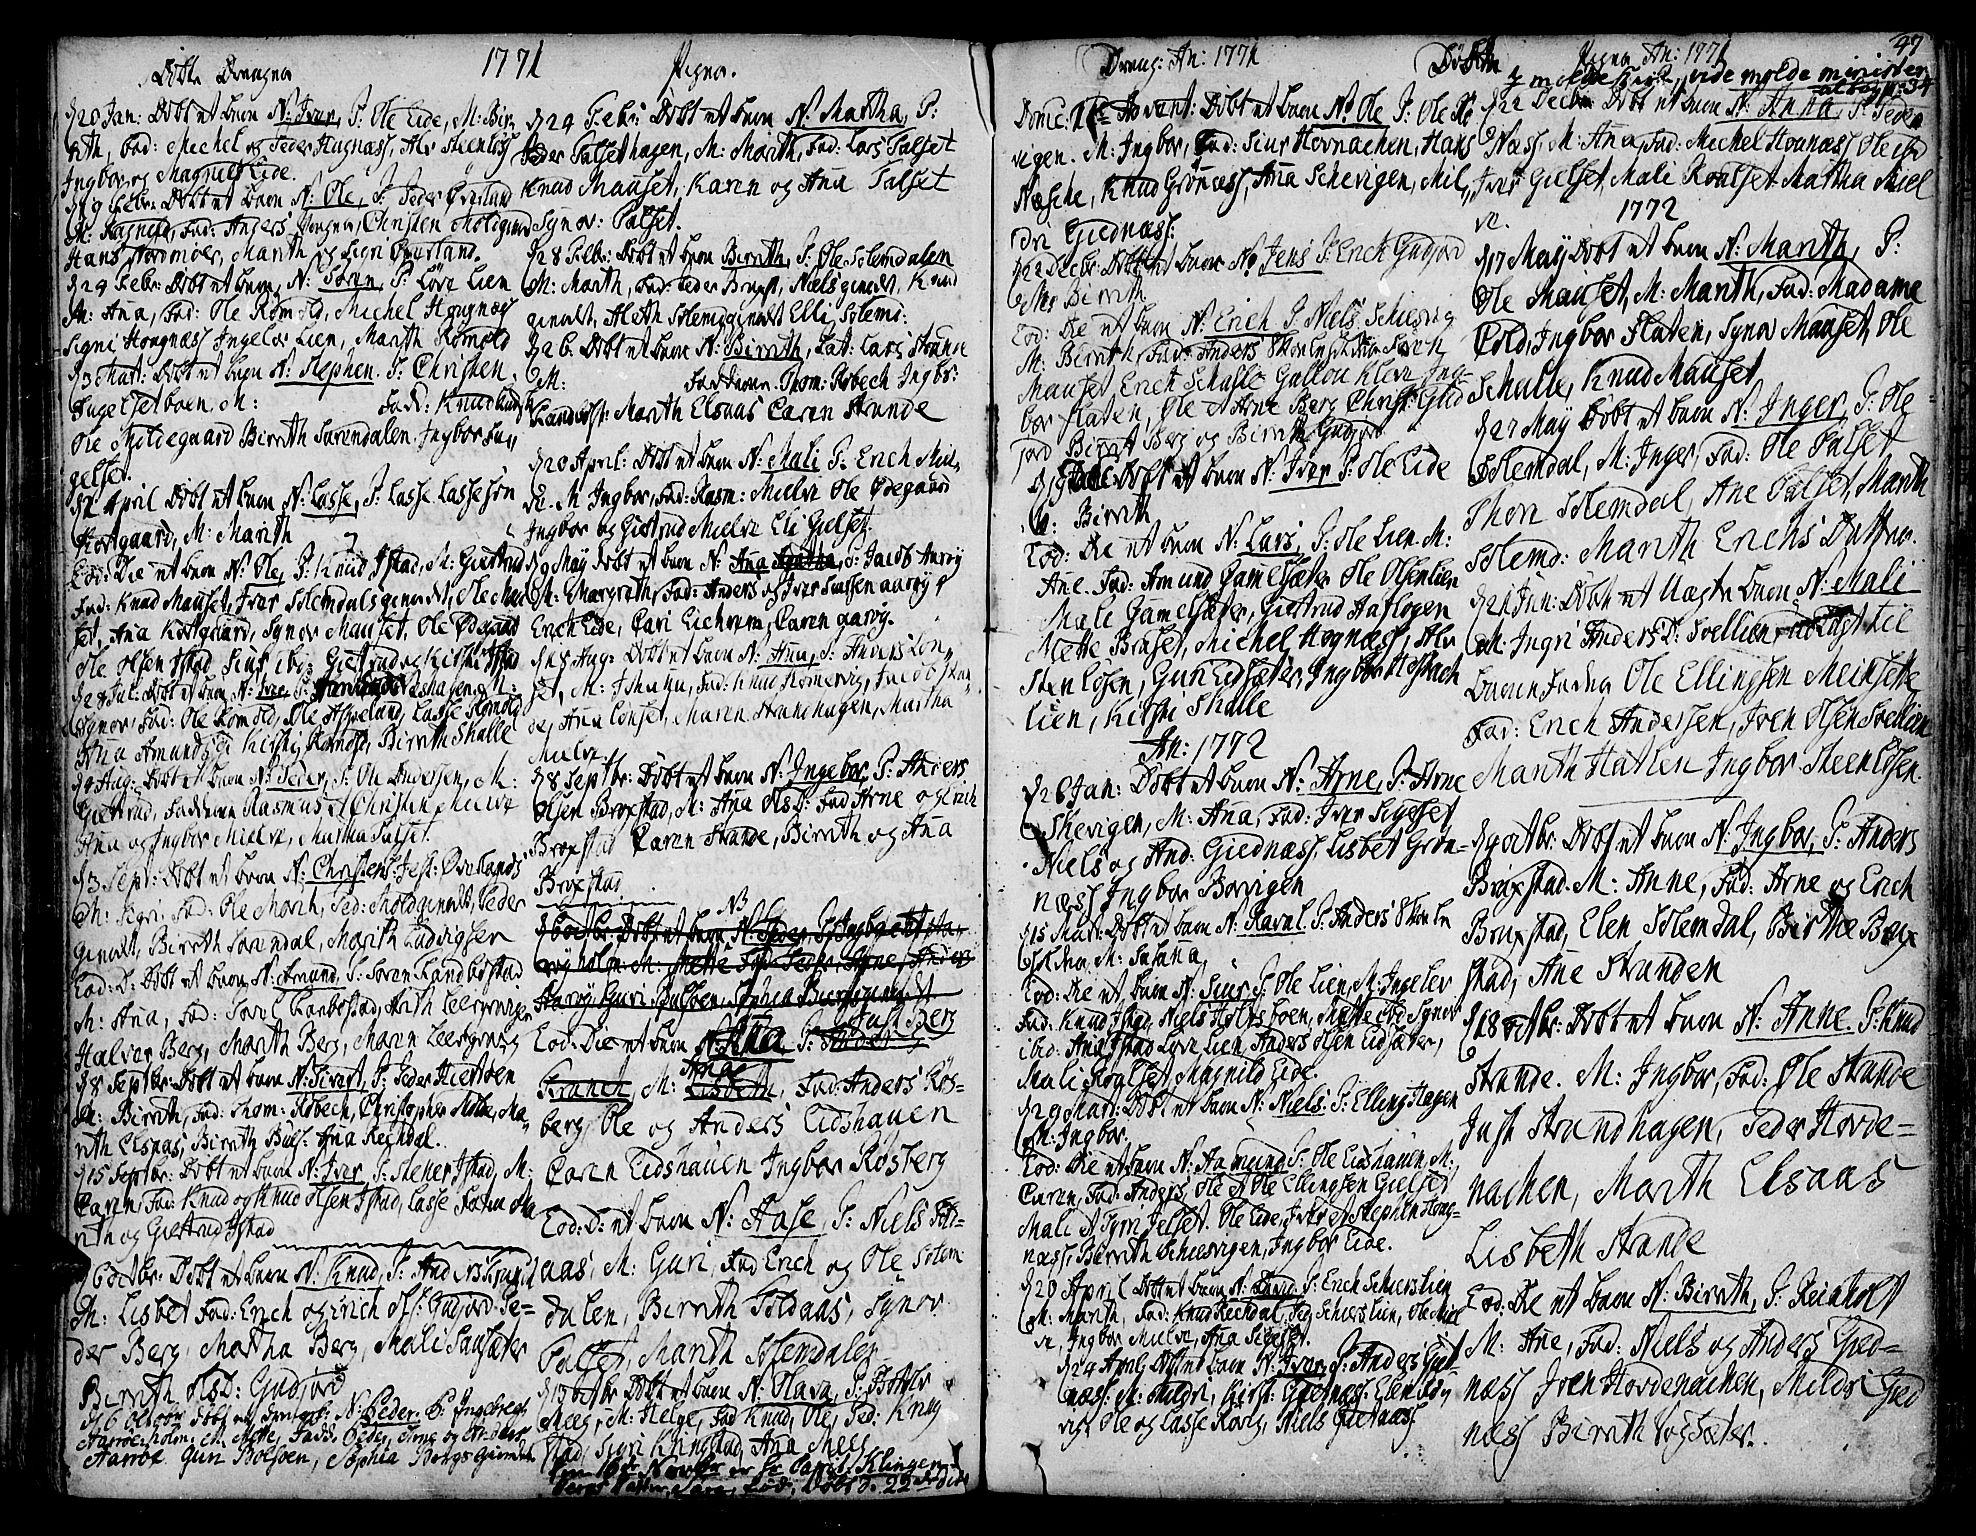 SAT, Ministerialprotokoller, klokkerbøker og fødselsregistre - Møre og Romsdal, 555/L0648: Ministerialbok nr. 555A01, 1759-1793, s. 47